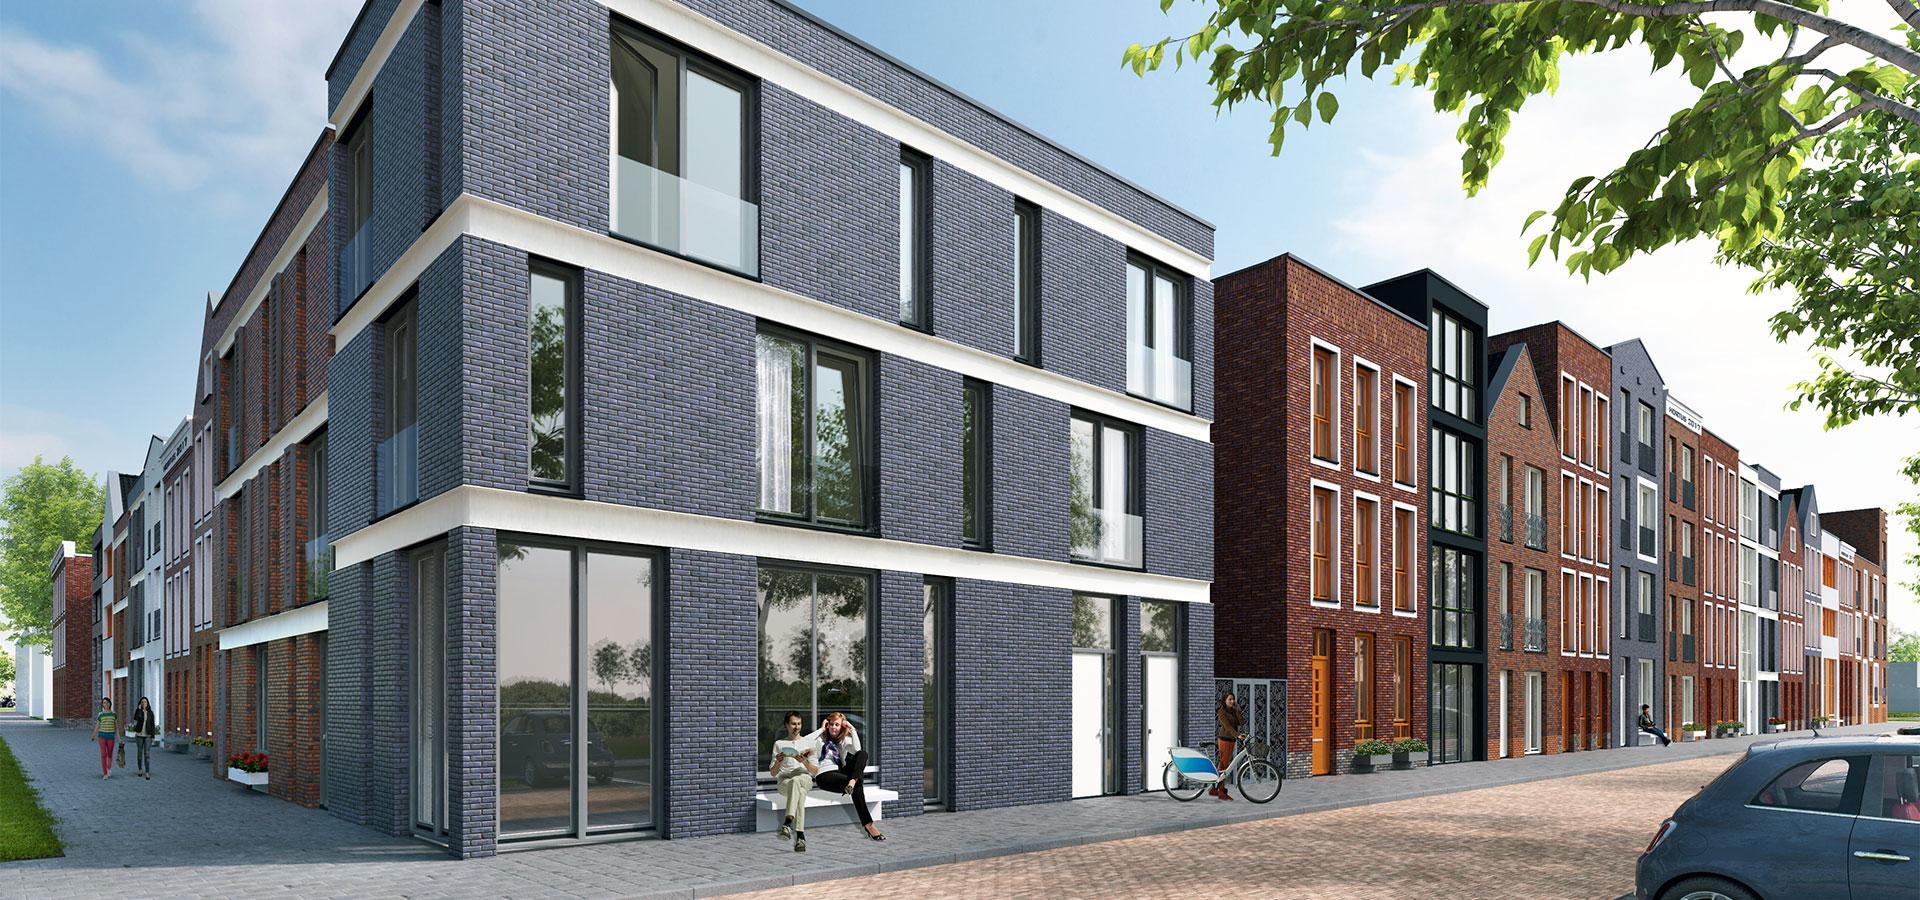 FARO architecten Hortus Utrecht 01